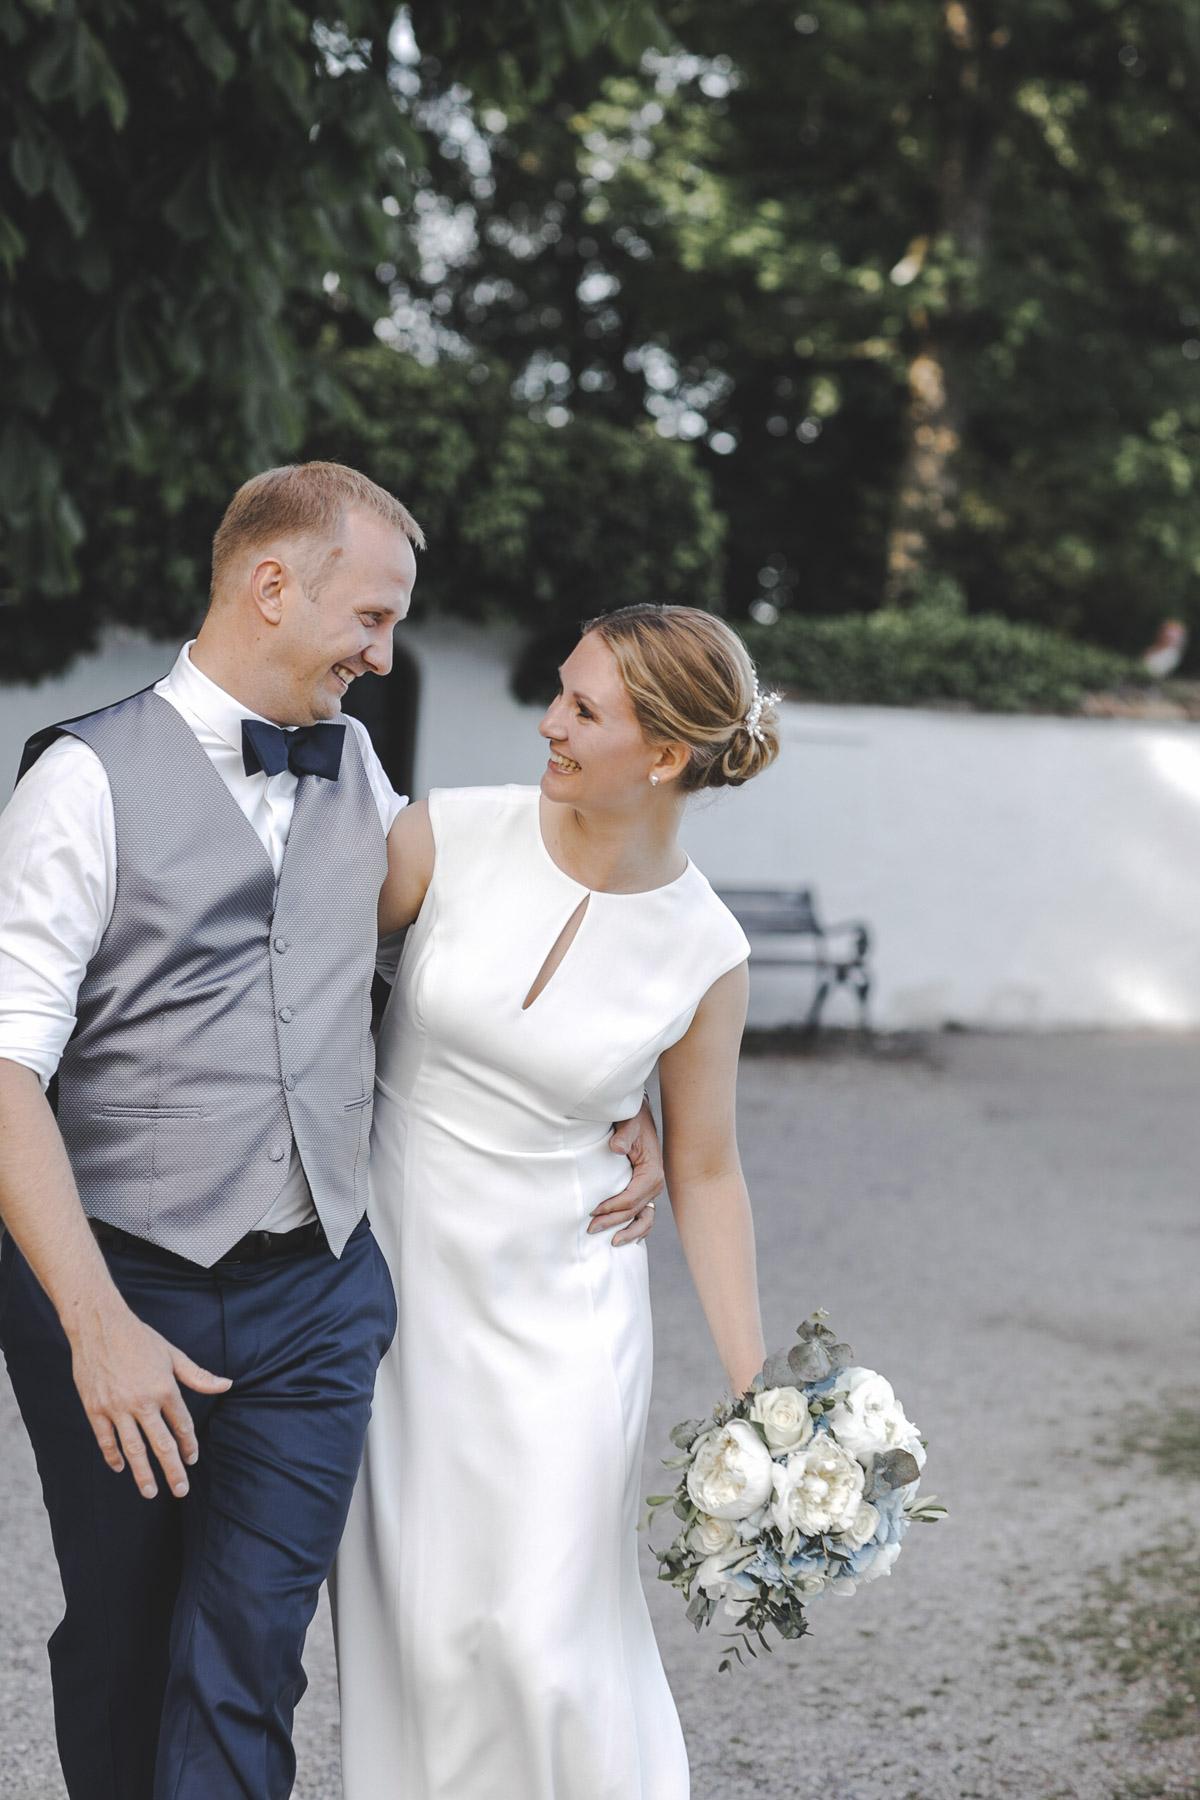 Barbara und Thorsten | Hochzeit am Starnenberger See - Fotografin Guelten Hamidanoglu Fotografie Koeln BT 19 765